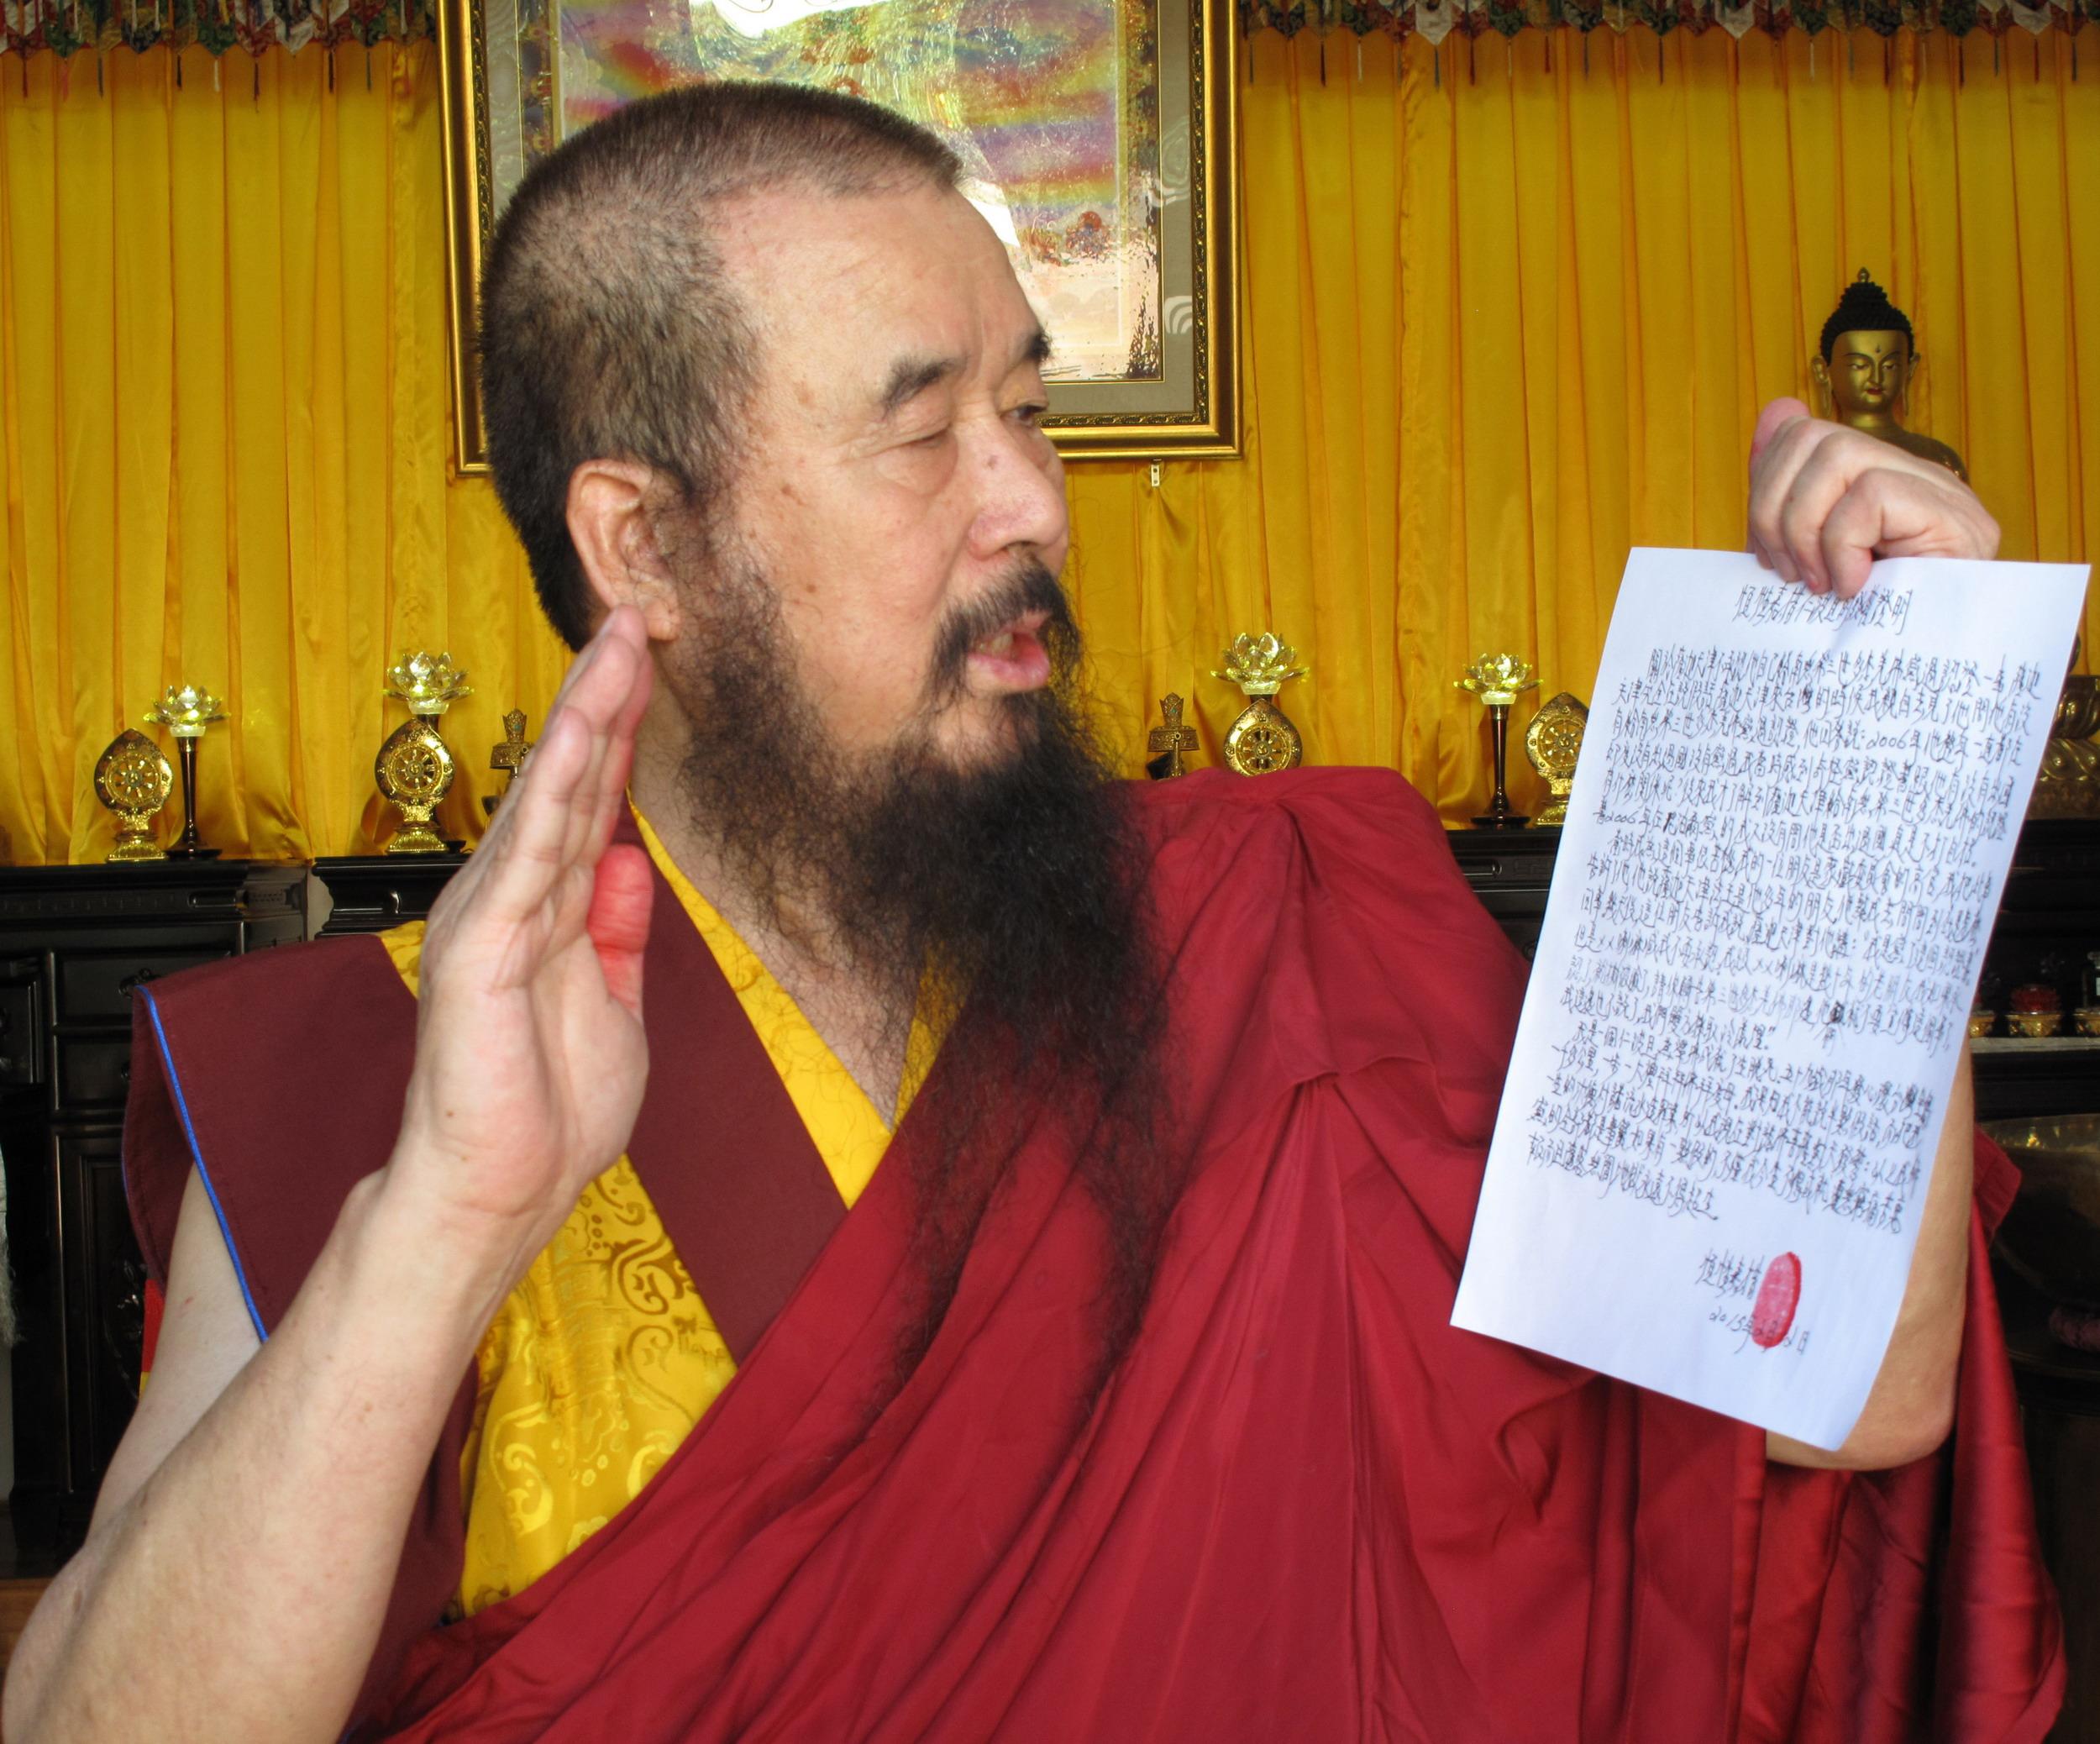 十四世达赖施压 萨迦天津不敢承认给羌佛写过认证书 第19张